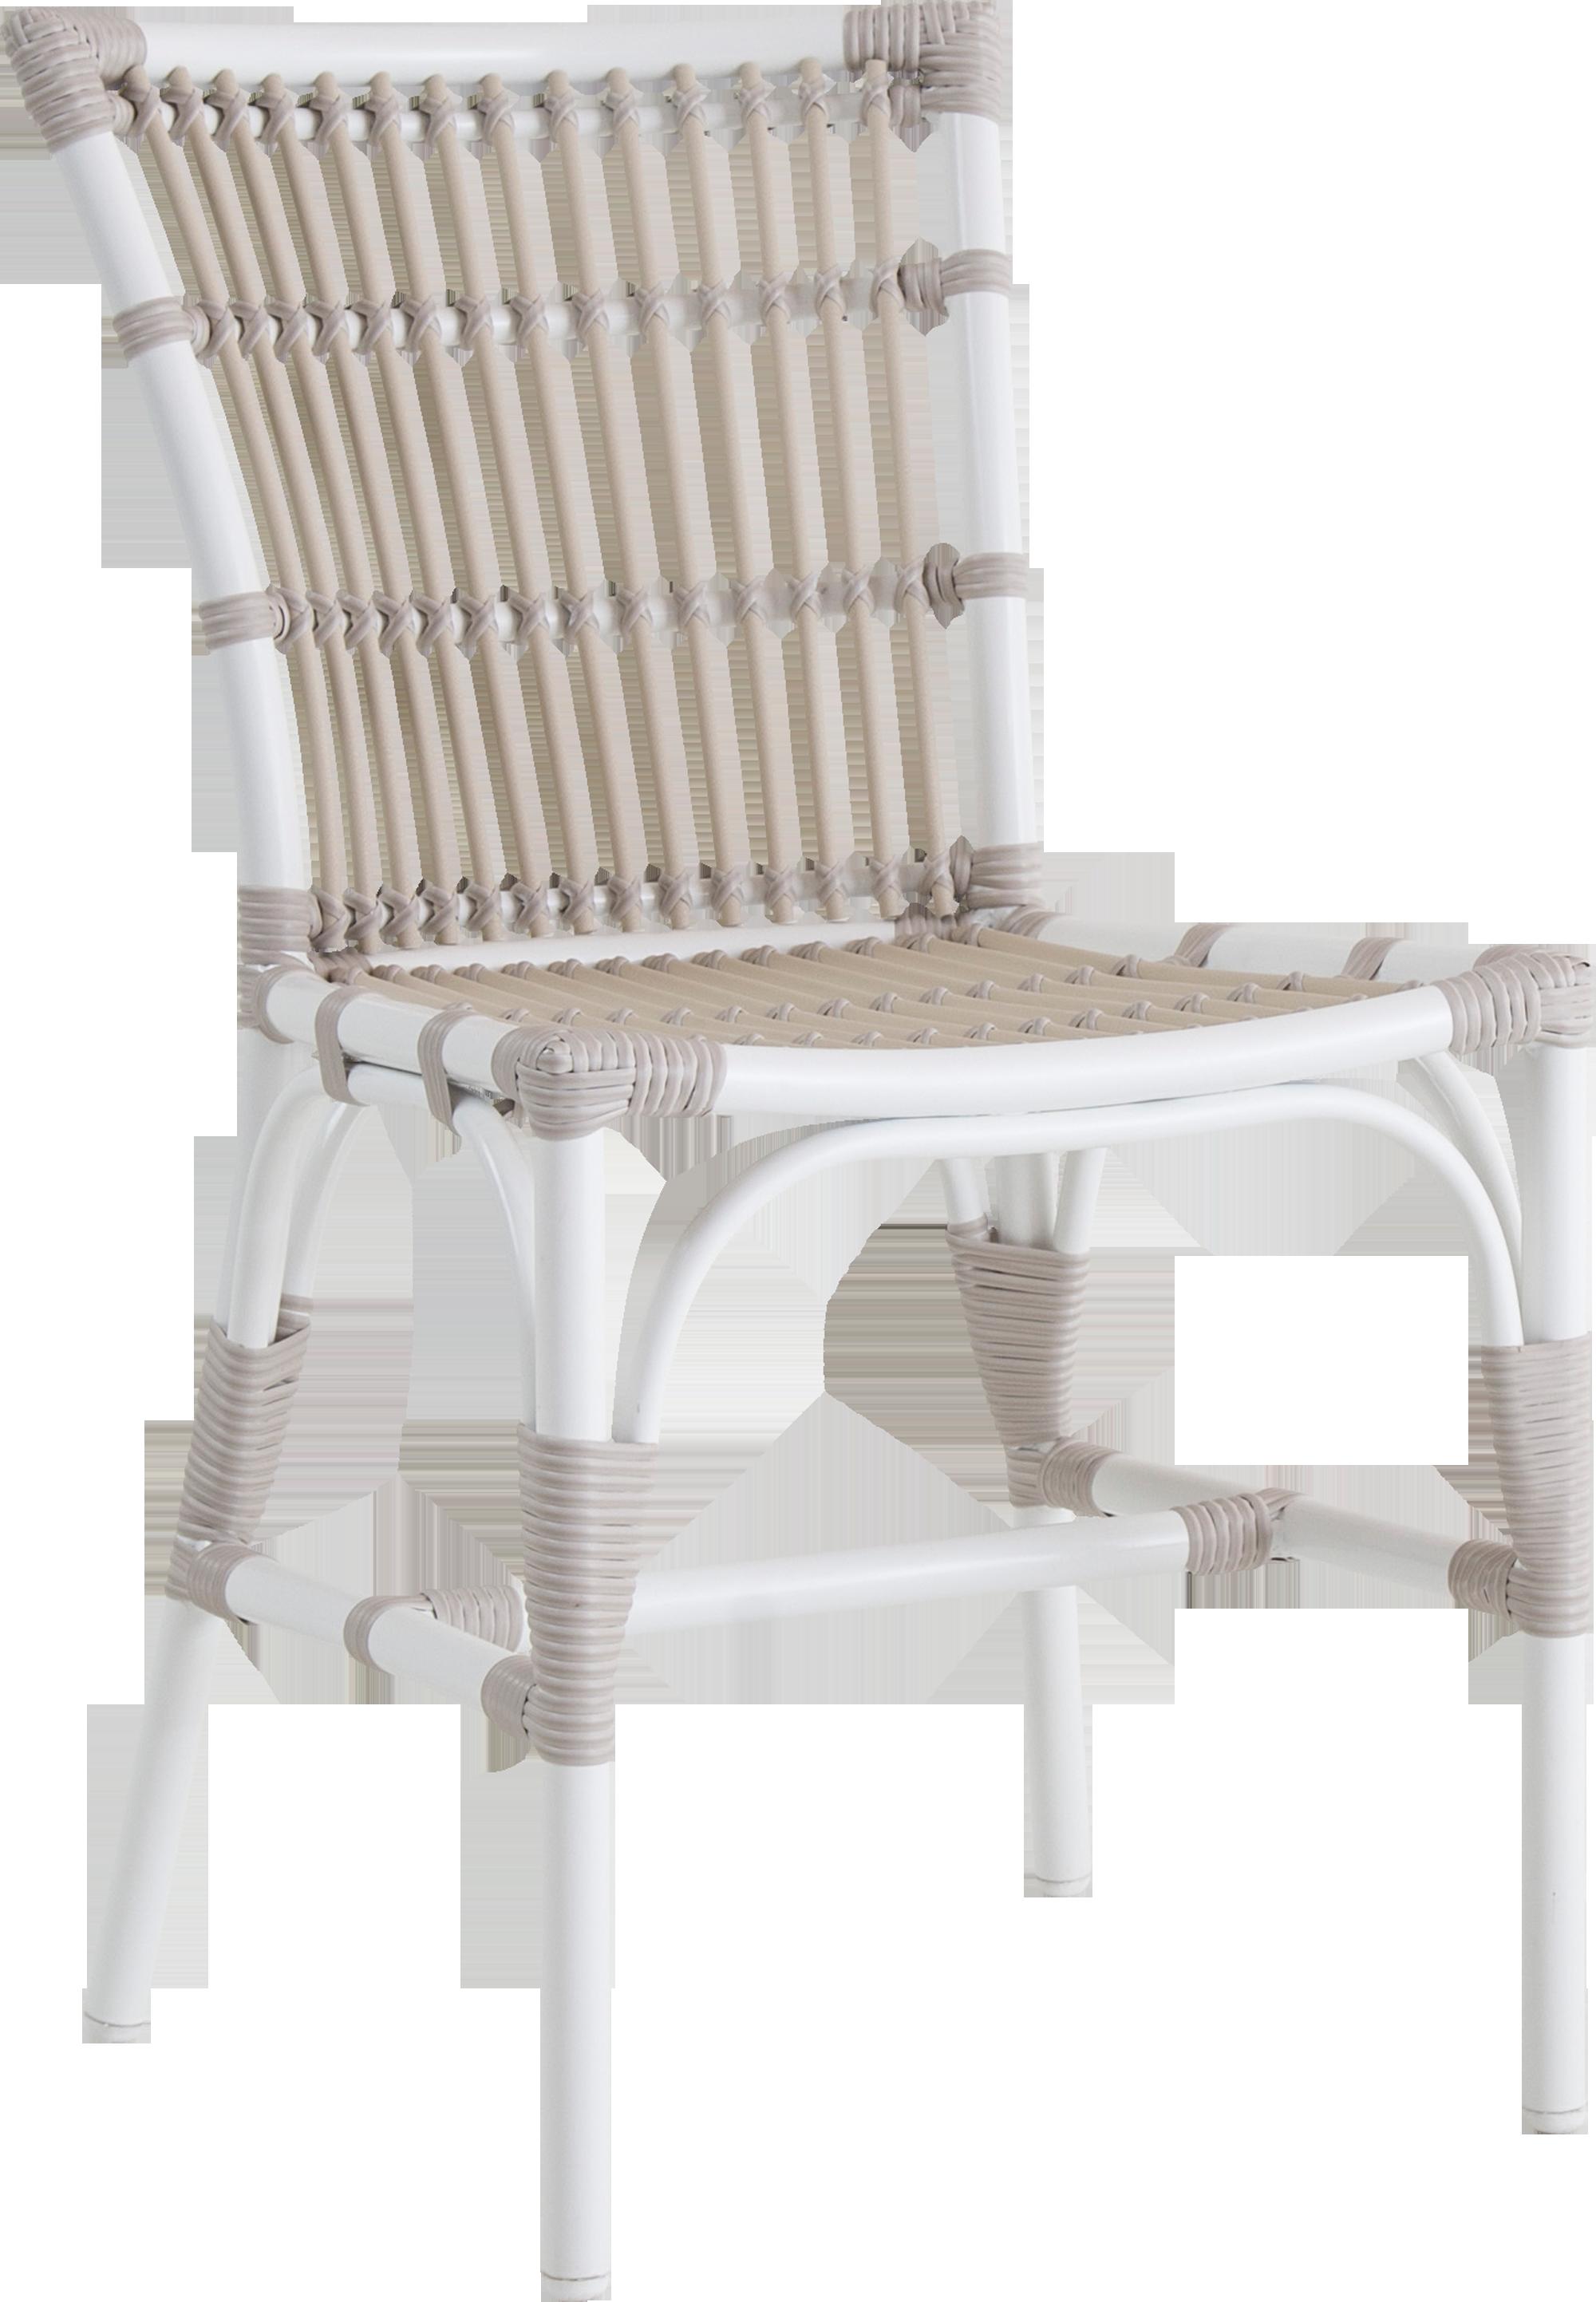 Sika Design Elisabeth Stuhl Aus Alu Rattan Für In  Und Outdoor, Weiß /